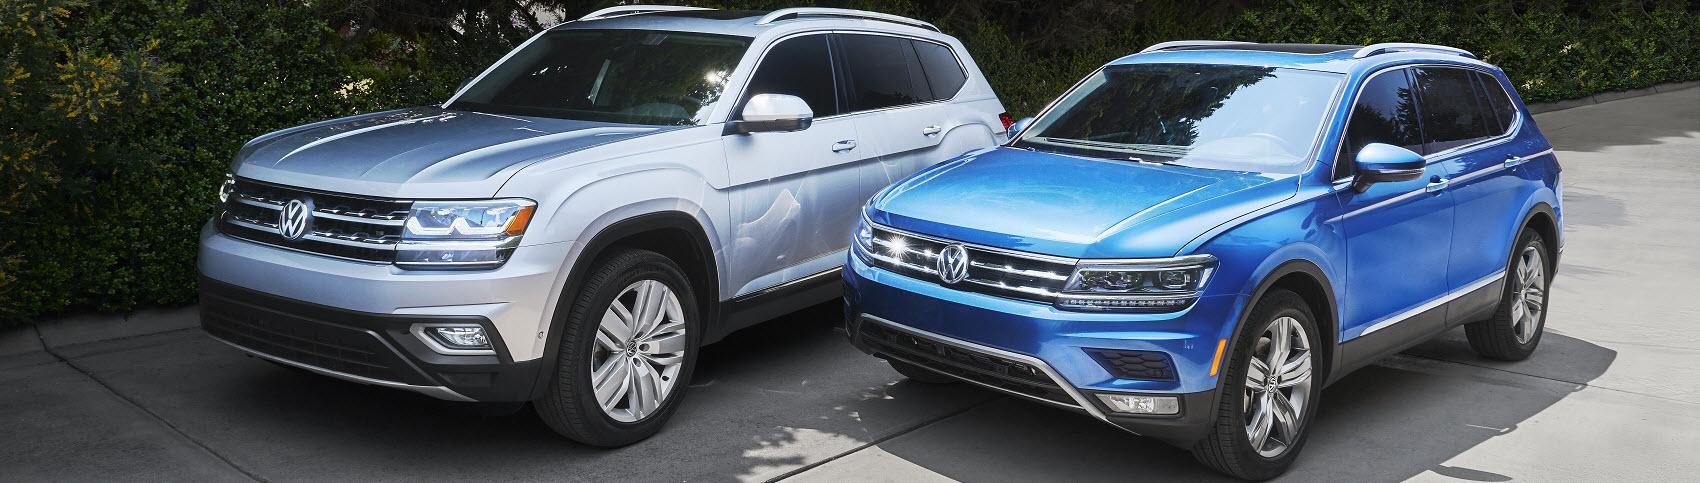 Car Dealerships In Ct >> Volkswagen Dealer Mystic Ct Speedcraft Volkswagen